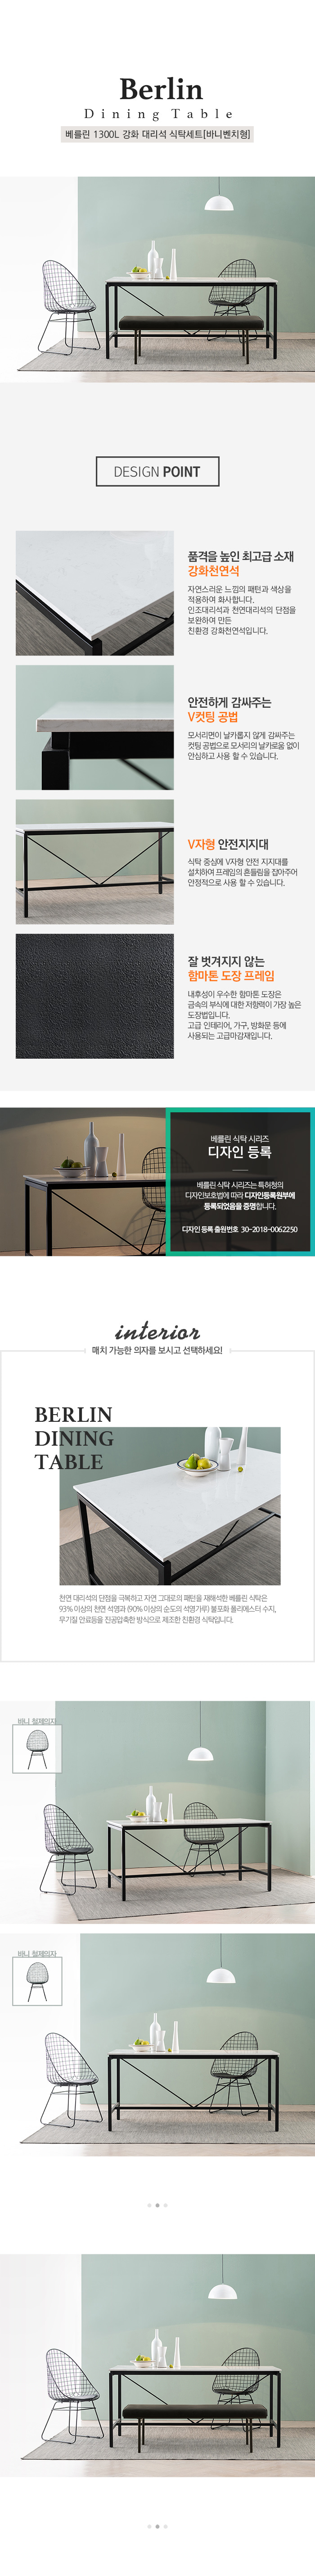 베를린 1300L 강화 대리석 식탁세트[바니벤치형] - 미즌하임, 457,080원, 식탁/의자, 4인 식탁/세트